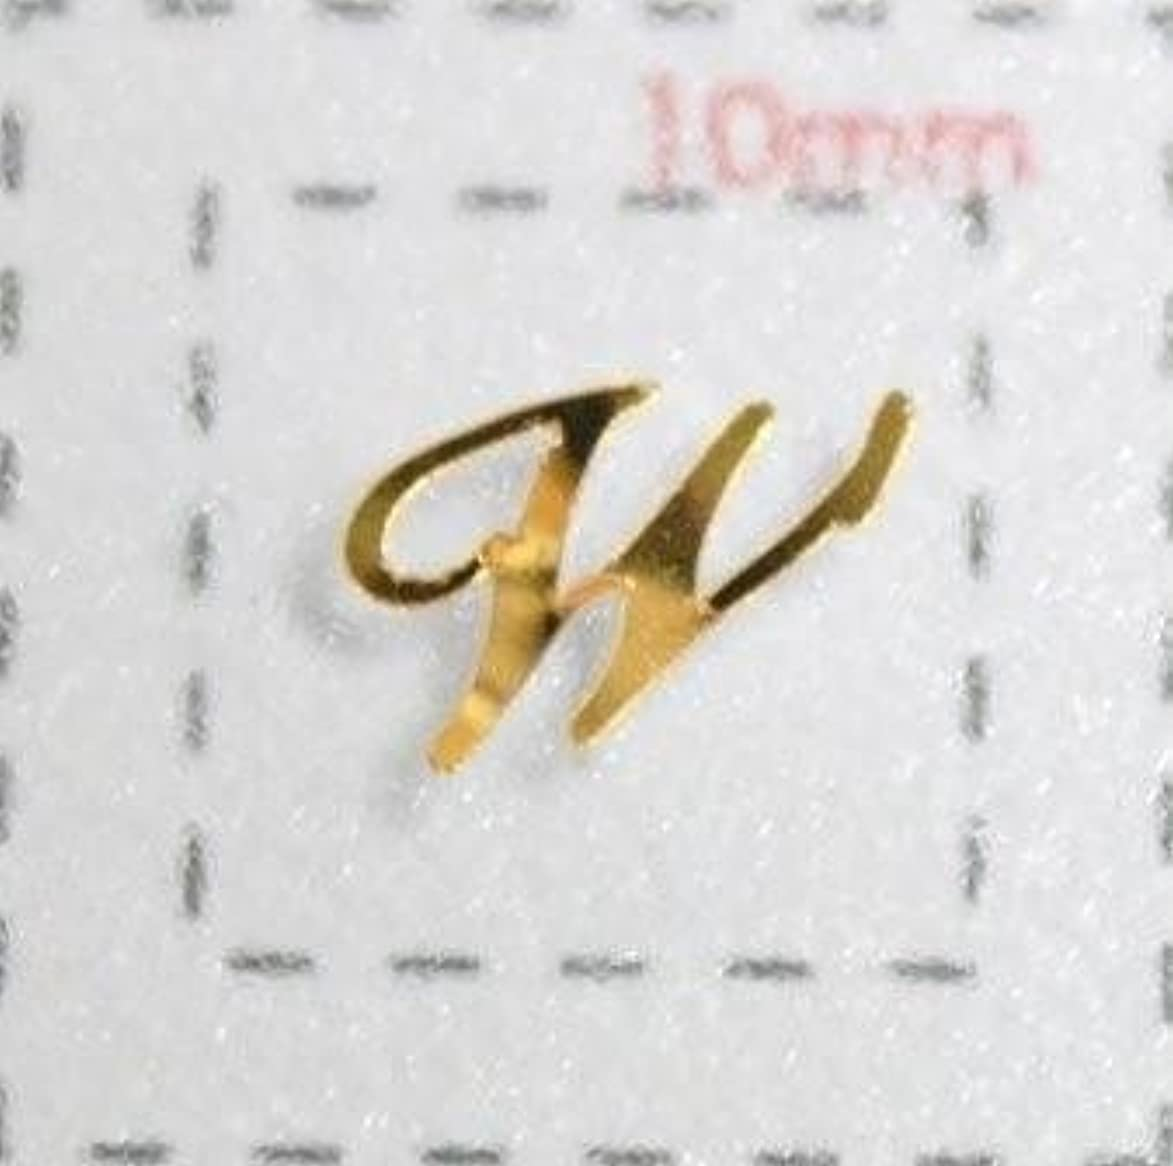 十代の若者たちまでスナックNameネイルシール【アルファベット?イニシャル】大文字ゴールド( W )1シート9枚入